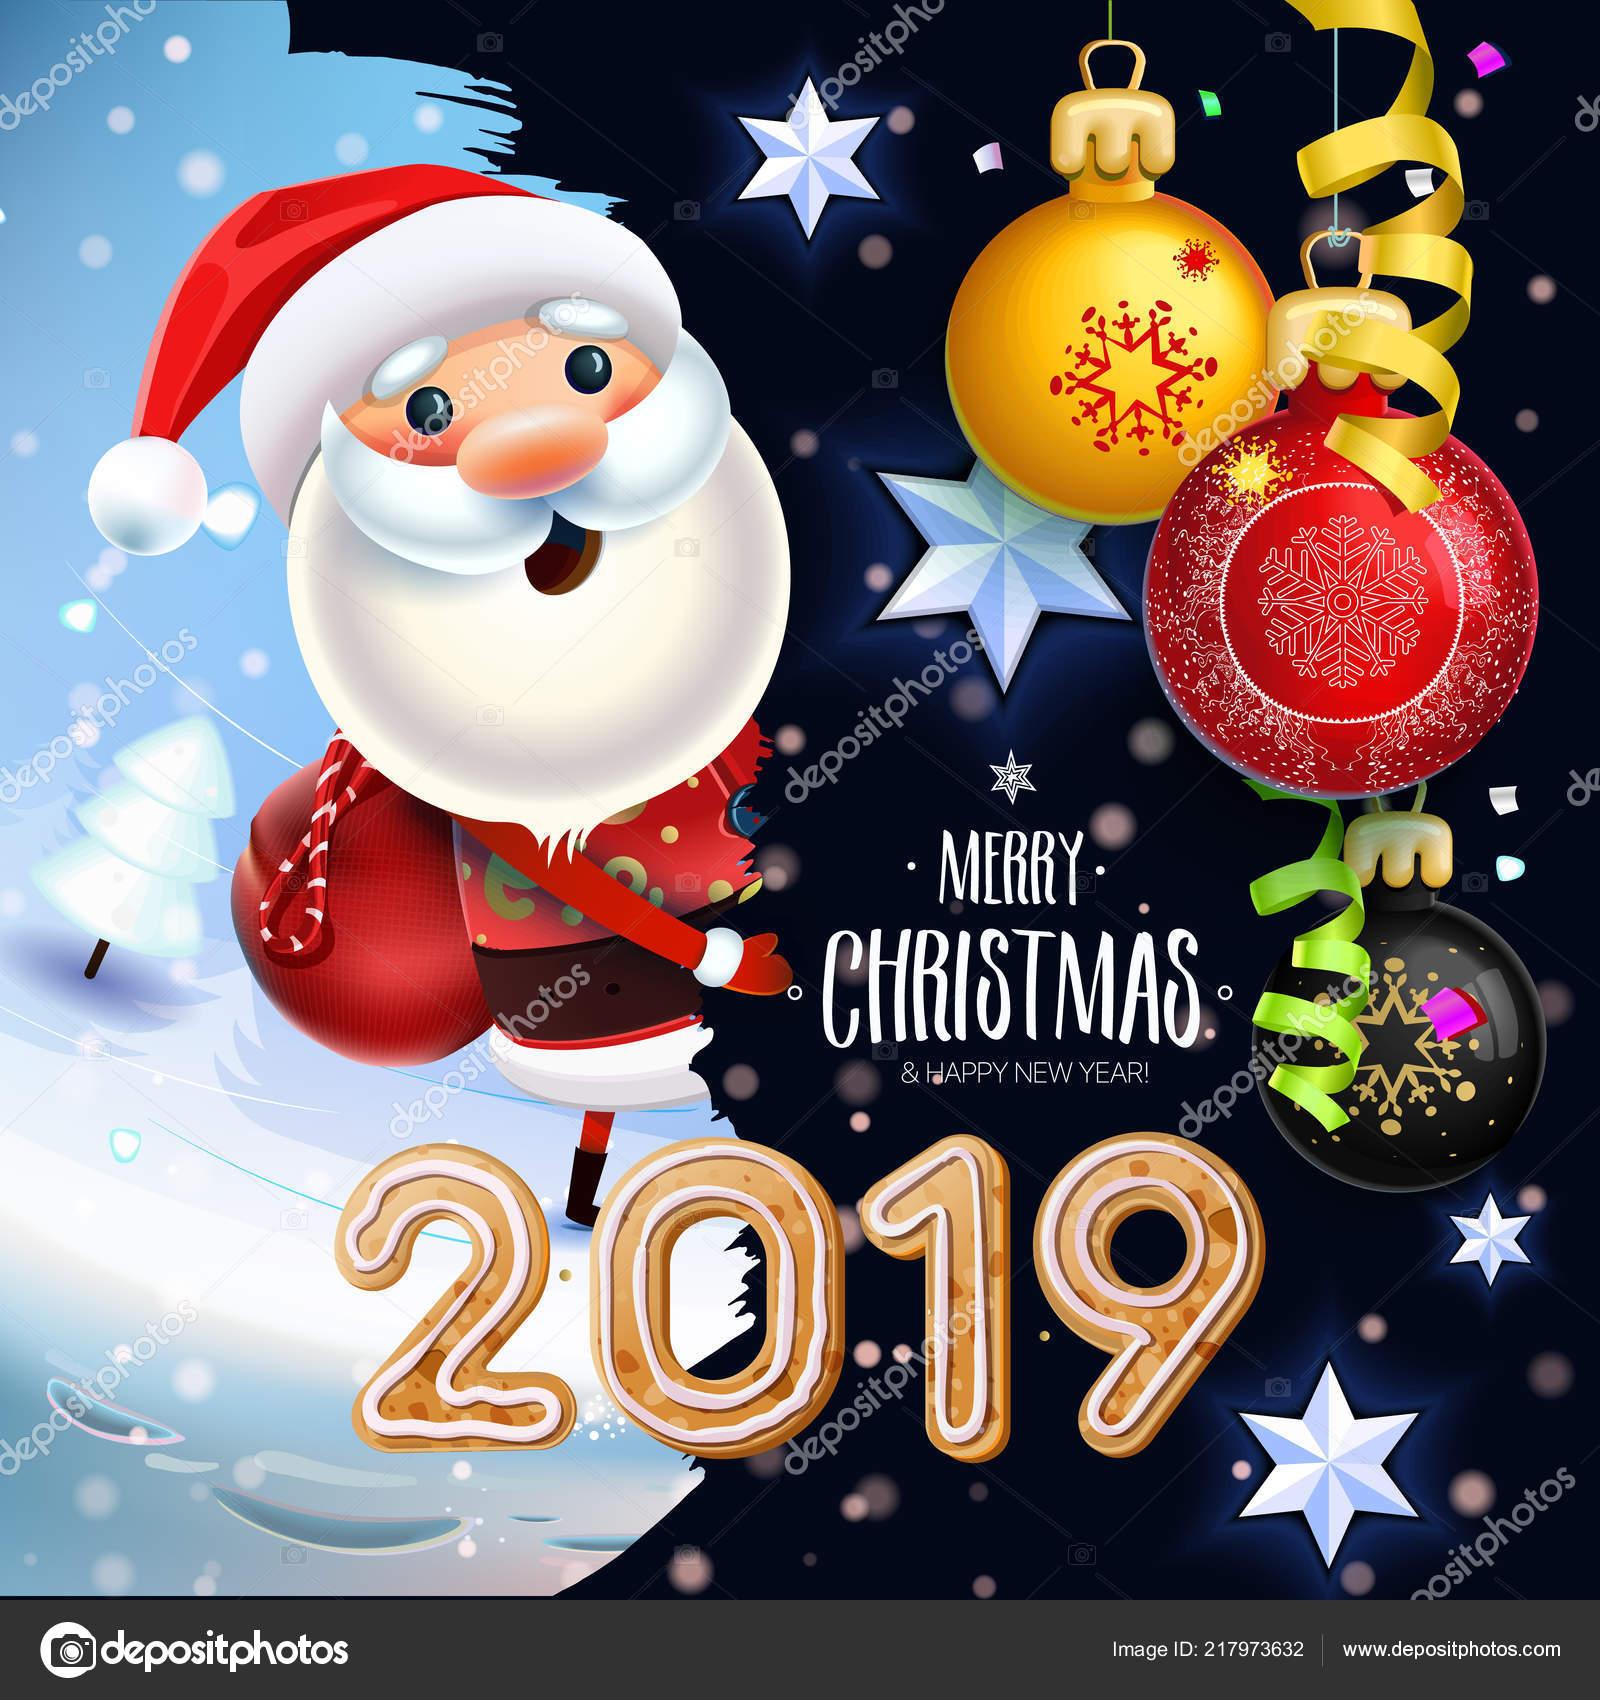 Imagenes De Navidad 2019.Simbolo Ano Nuevo Feliz Navidad 2019 Santa Claus Fondo